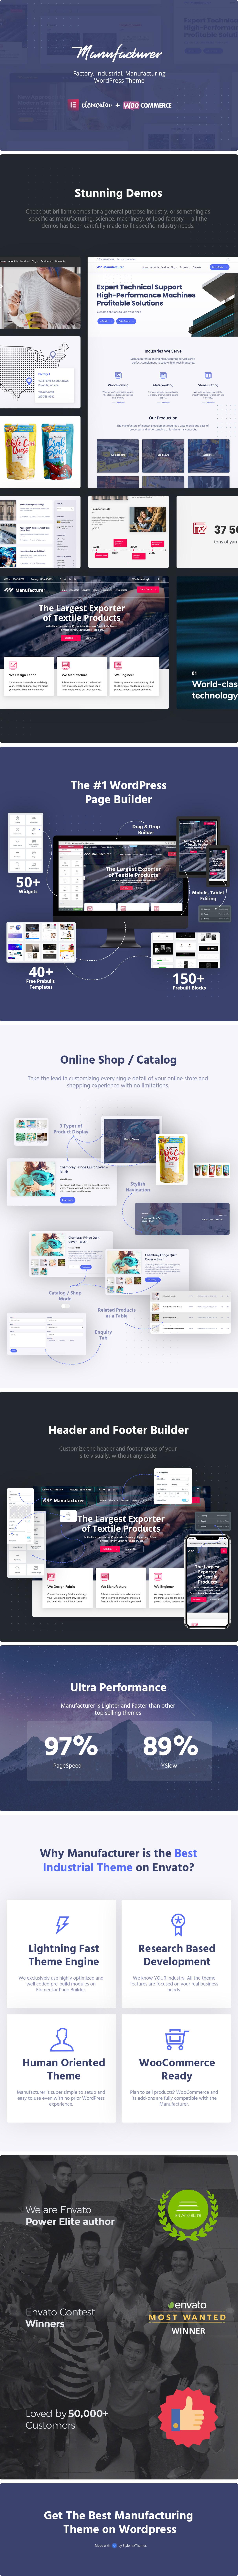 Herstellungs WordPress Theme